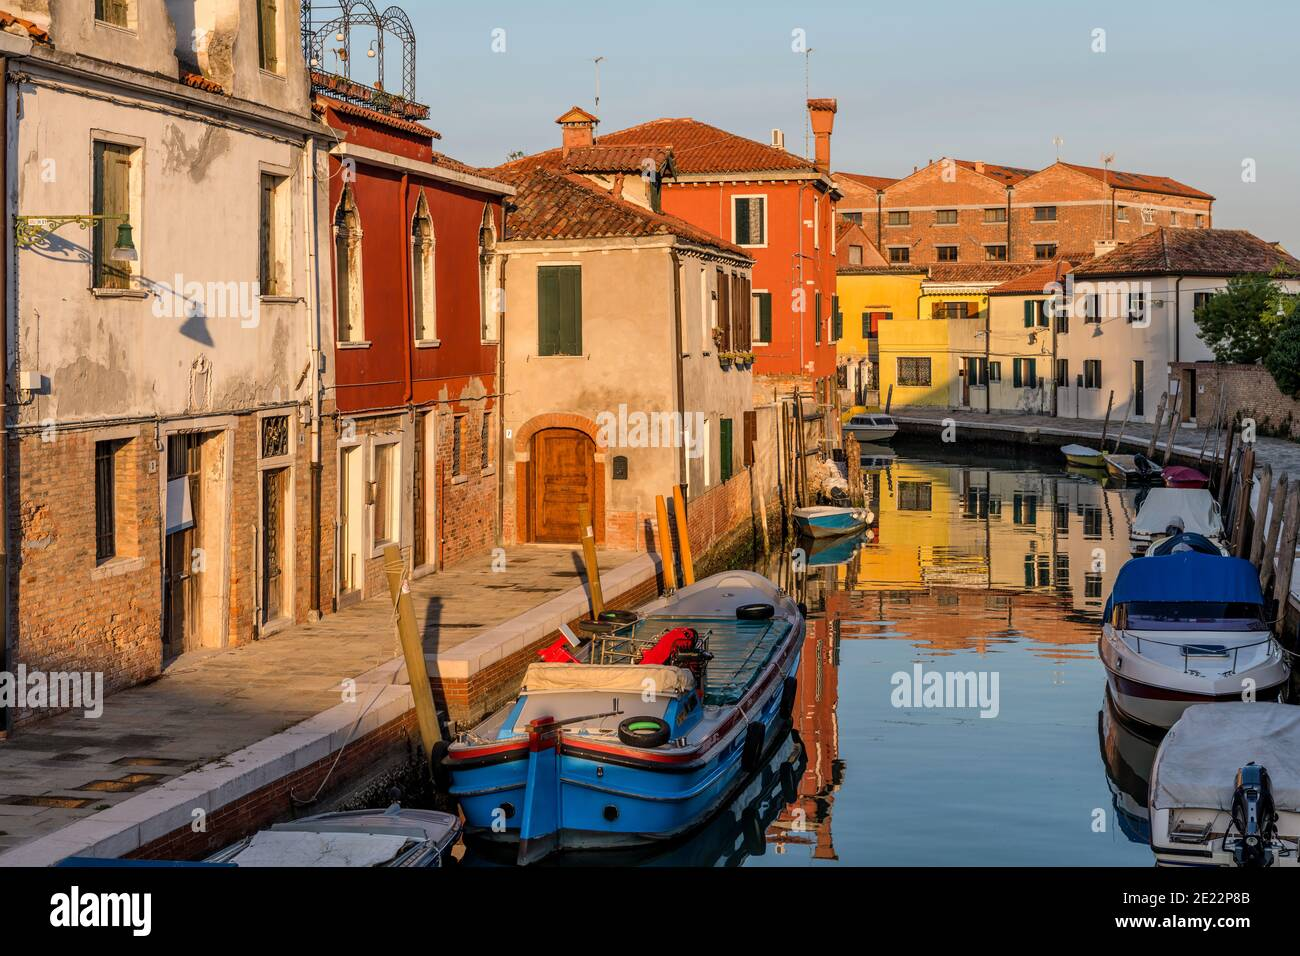 Tramonto su un piccolo canale - Vista al tramonto di un canale stretto, vecchio, ma colorato sulle Isole Murano. Venezia, Italia. Foto Stock